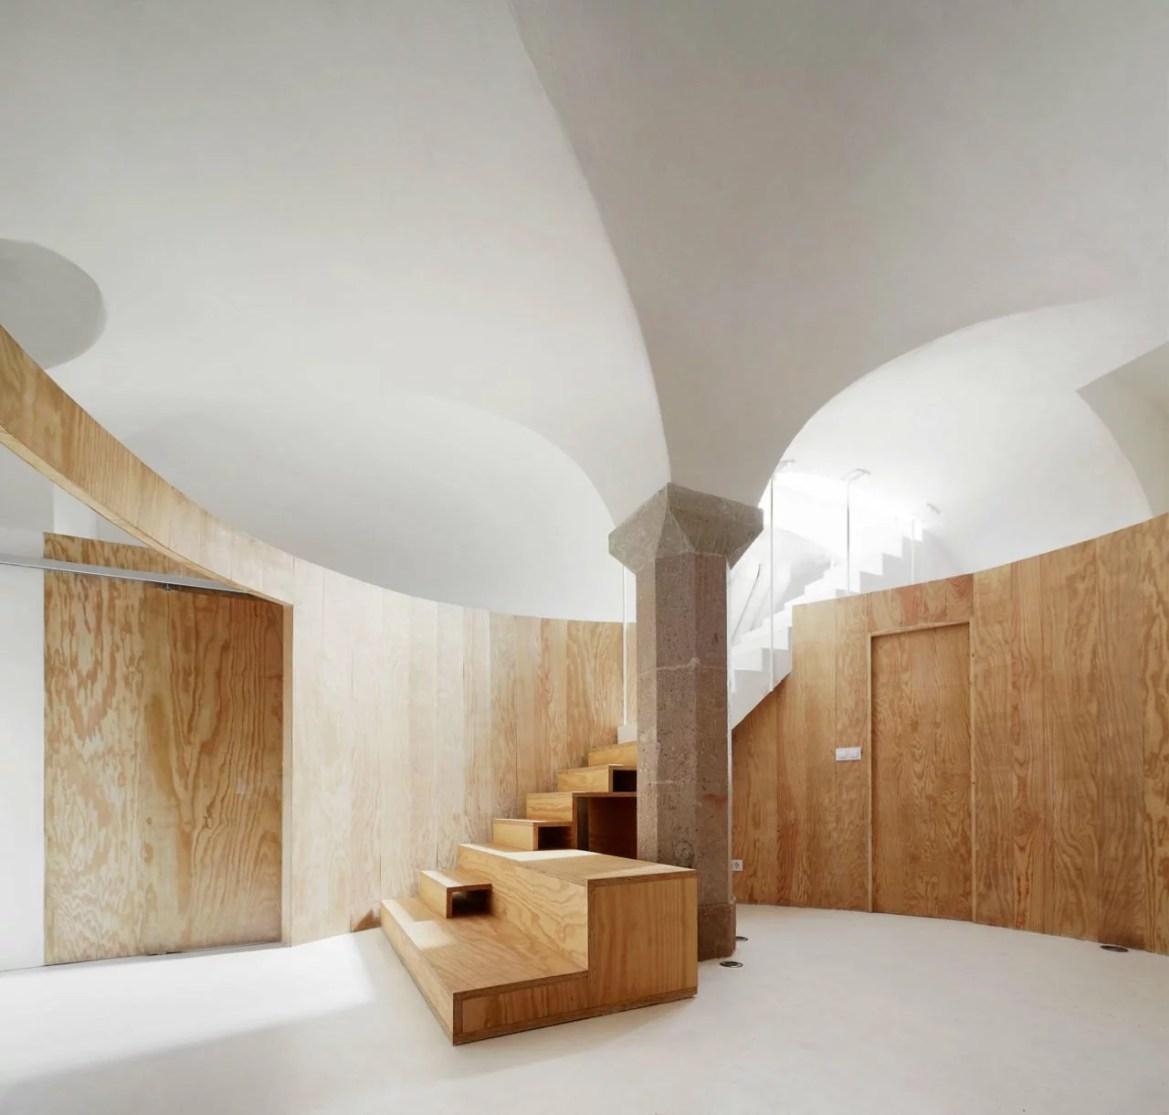 Architecture d'intérieur, le style Homme des Cavernes, RAS Arquitectura, Apartment Tibbaut